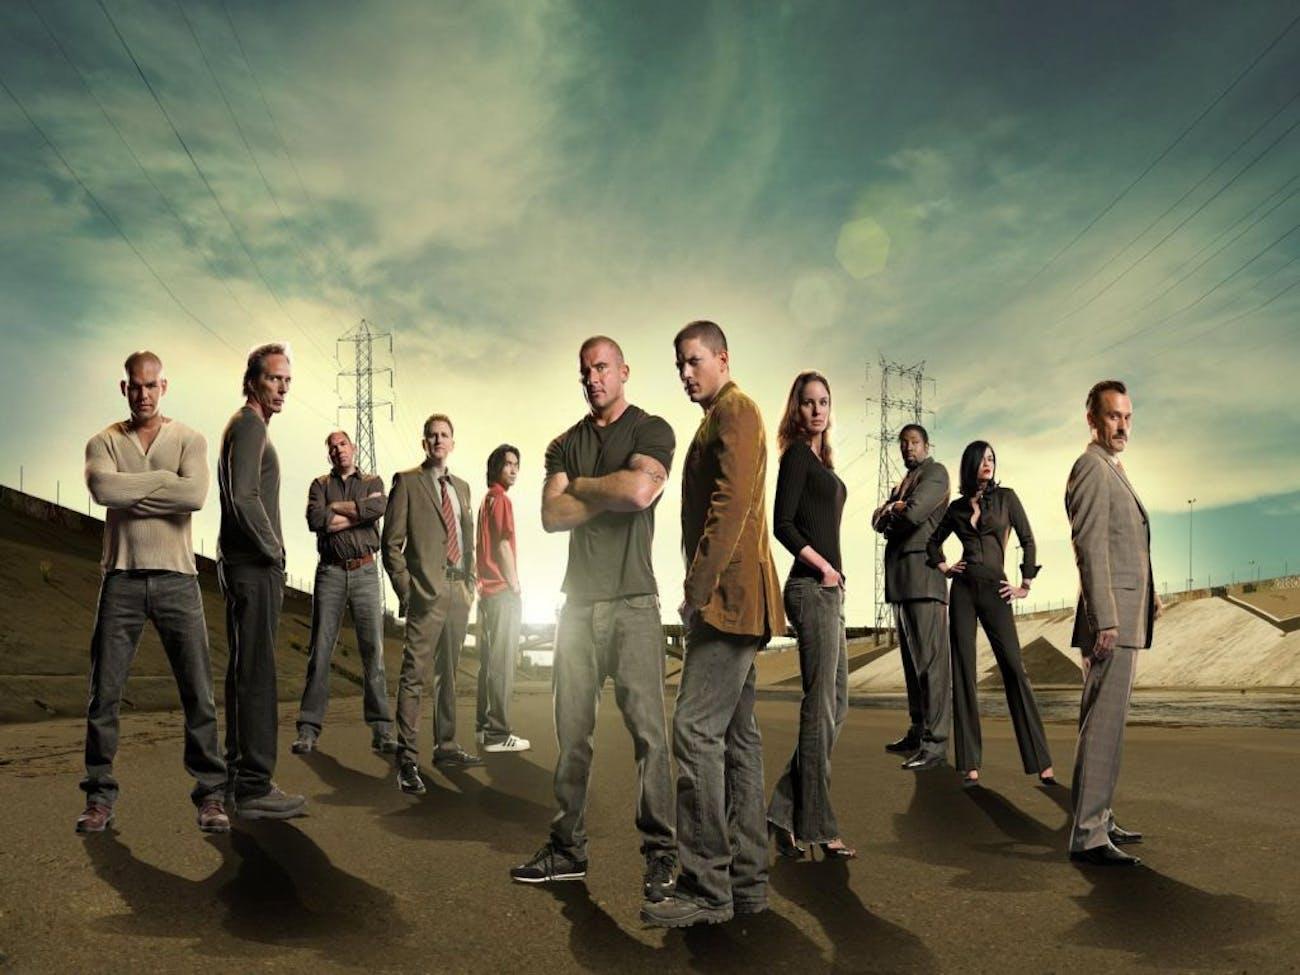 Wentworth Miller in 'Prison Break'